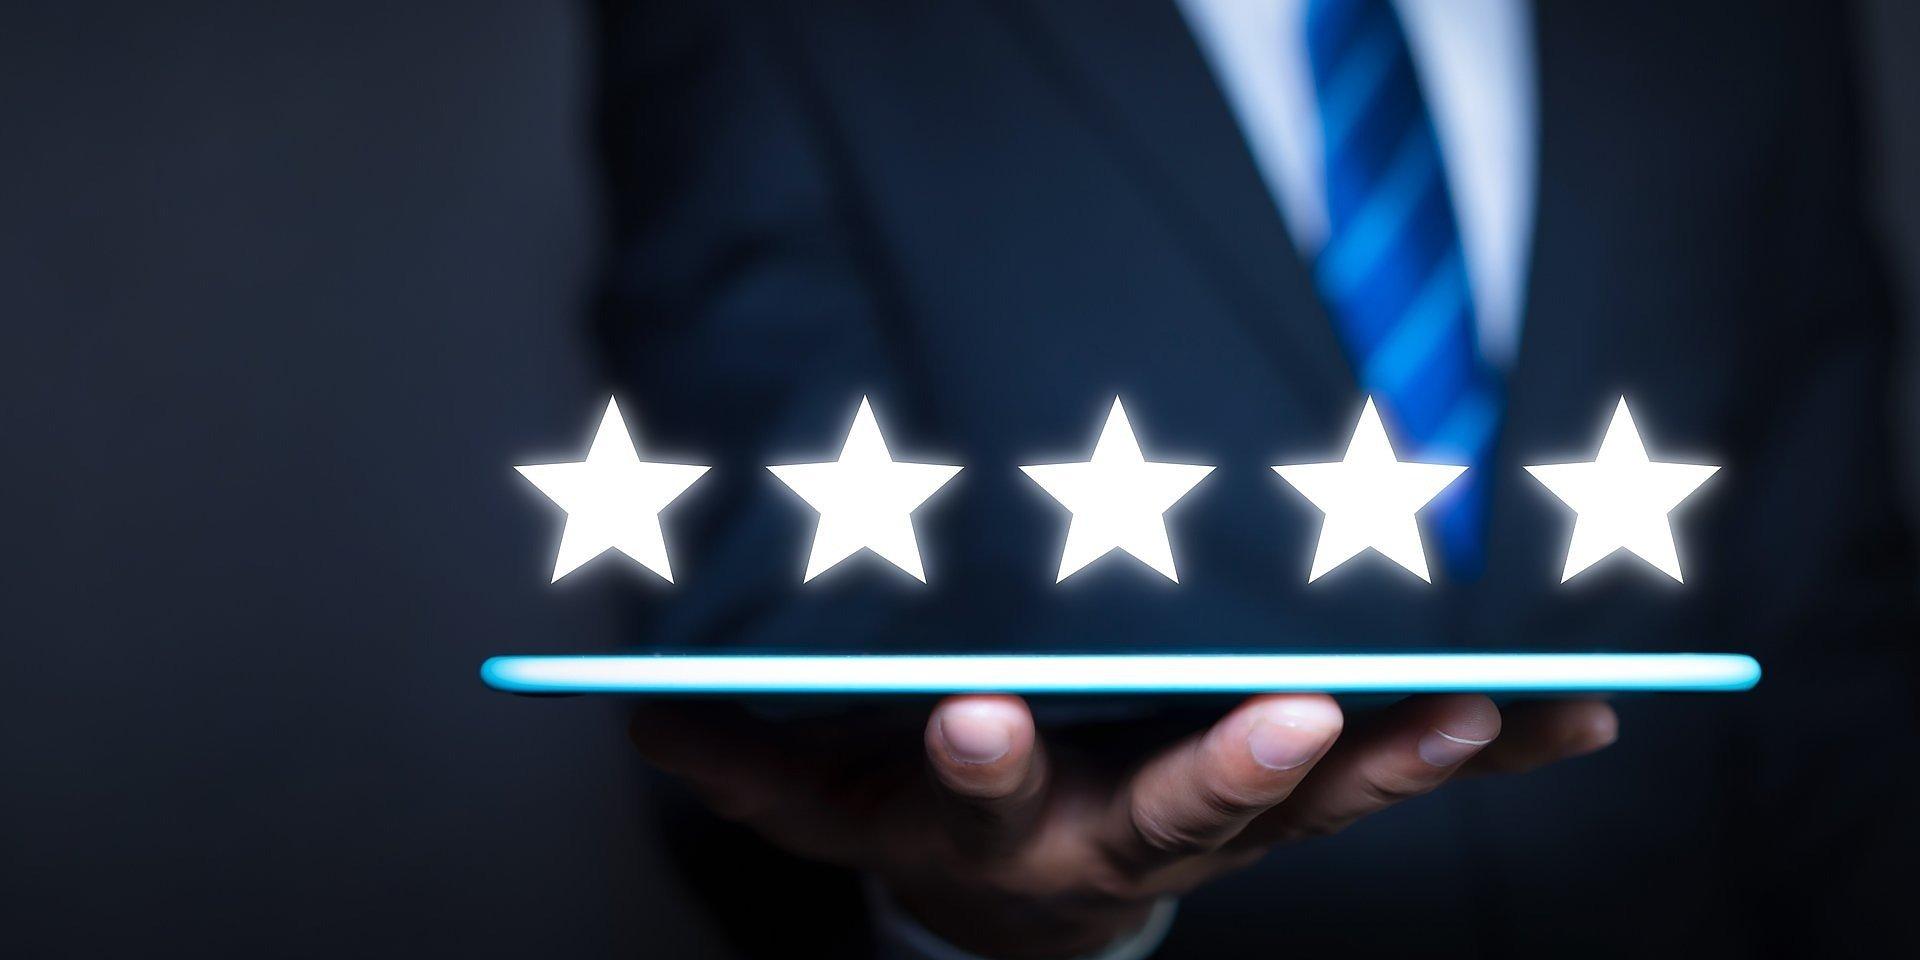 Партнерская программа Extreme Networks получила пять звезд в рейтинге CRN 2021 «Partner Program Guide»!